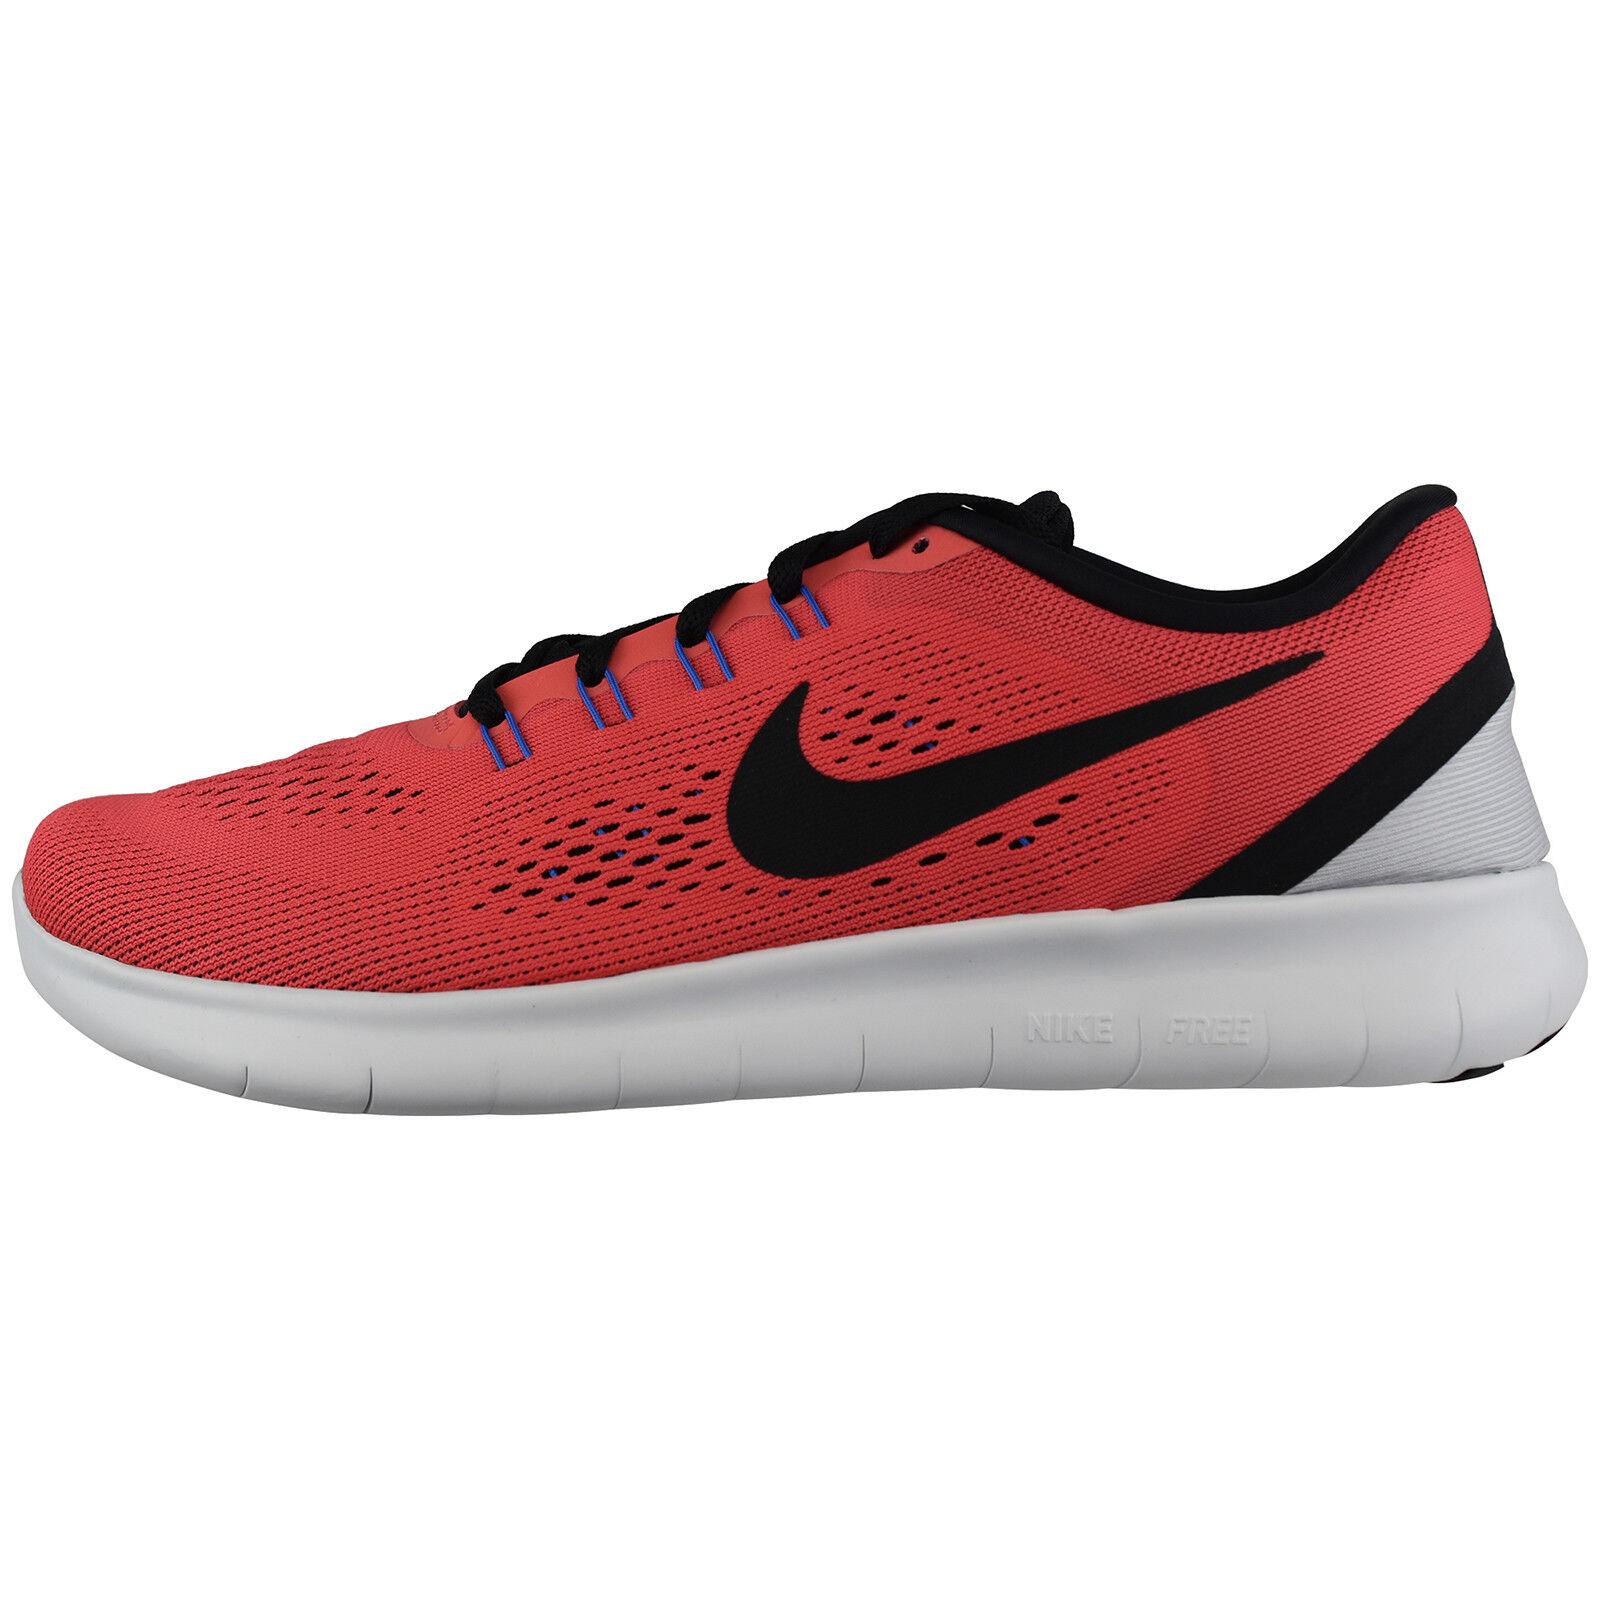 Nike Free RN 831508-802 Lifestyle Laufschuhe Laufen Running Freizeit Turnschuhe